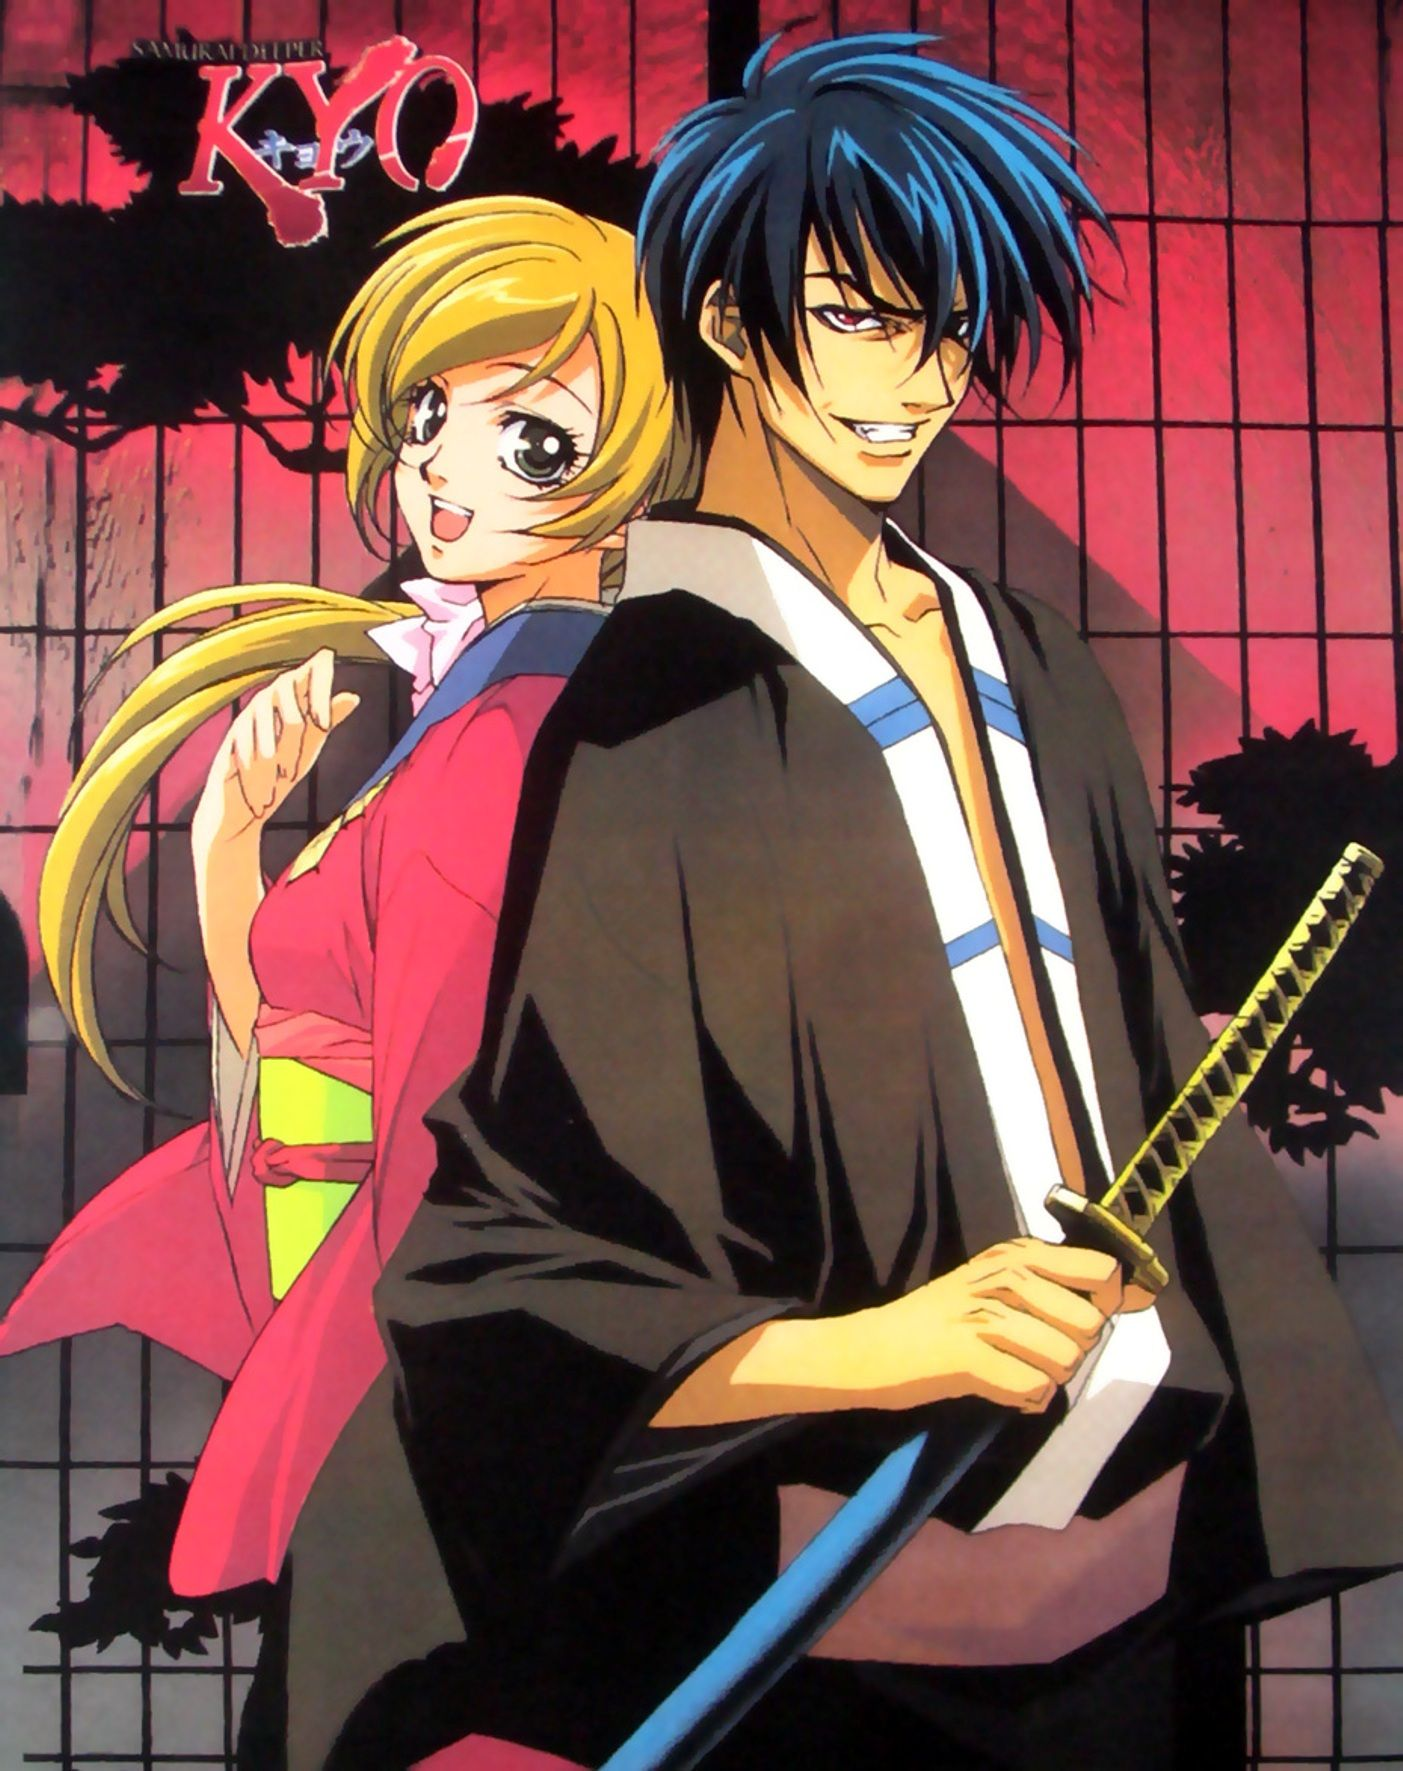 Samurai Deeper Kyou /// Genres Adventure, Comedy